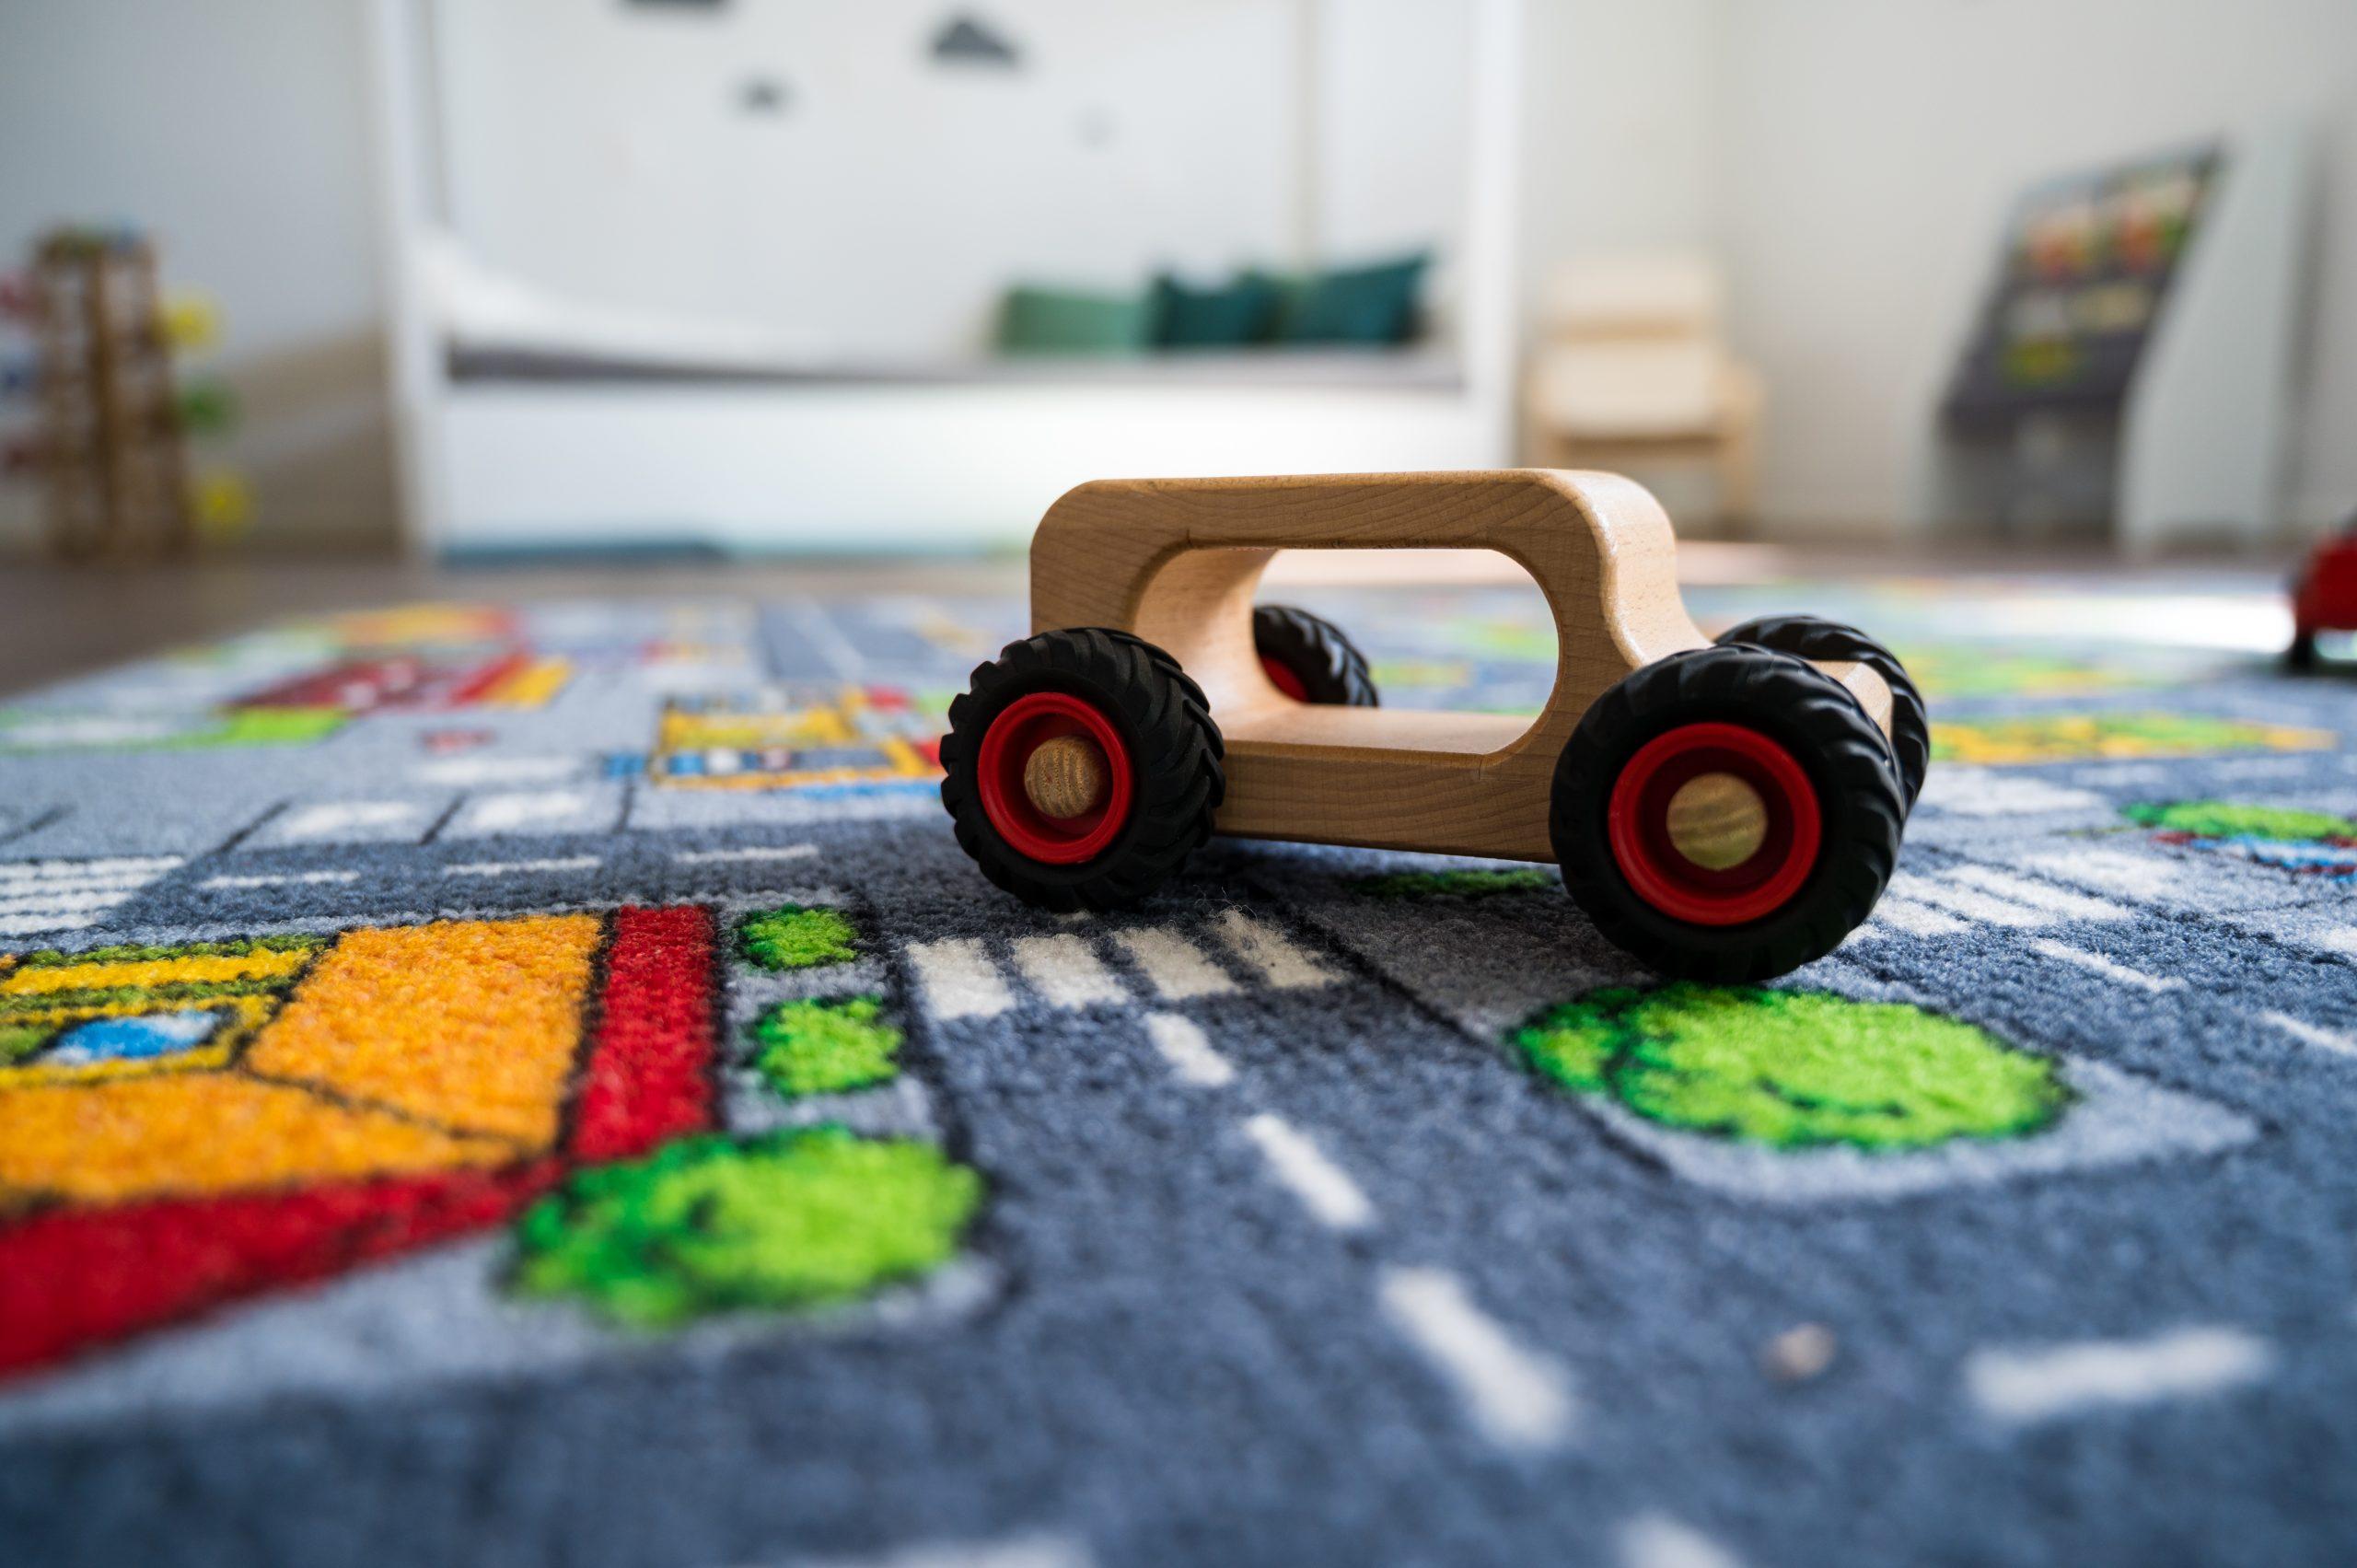 Spielauto auf einem Teppich in der Kita